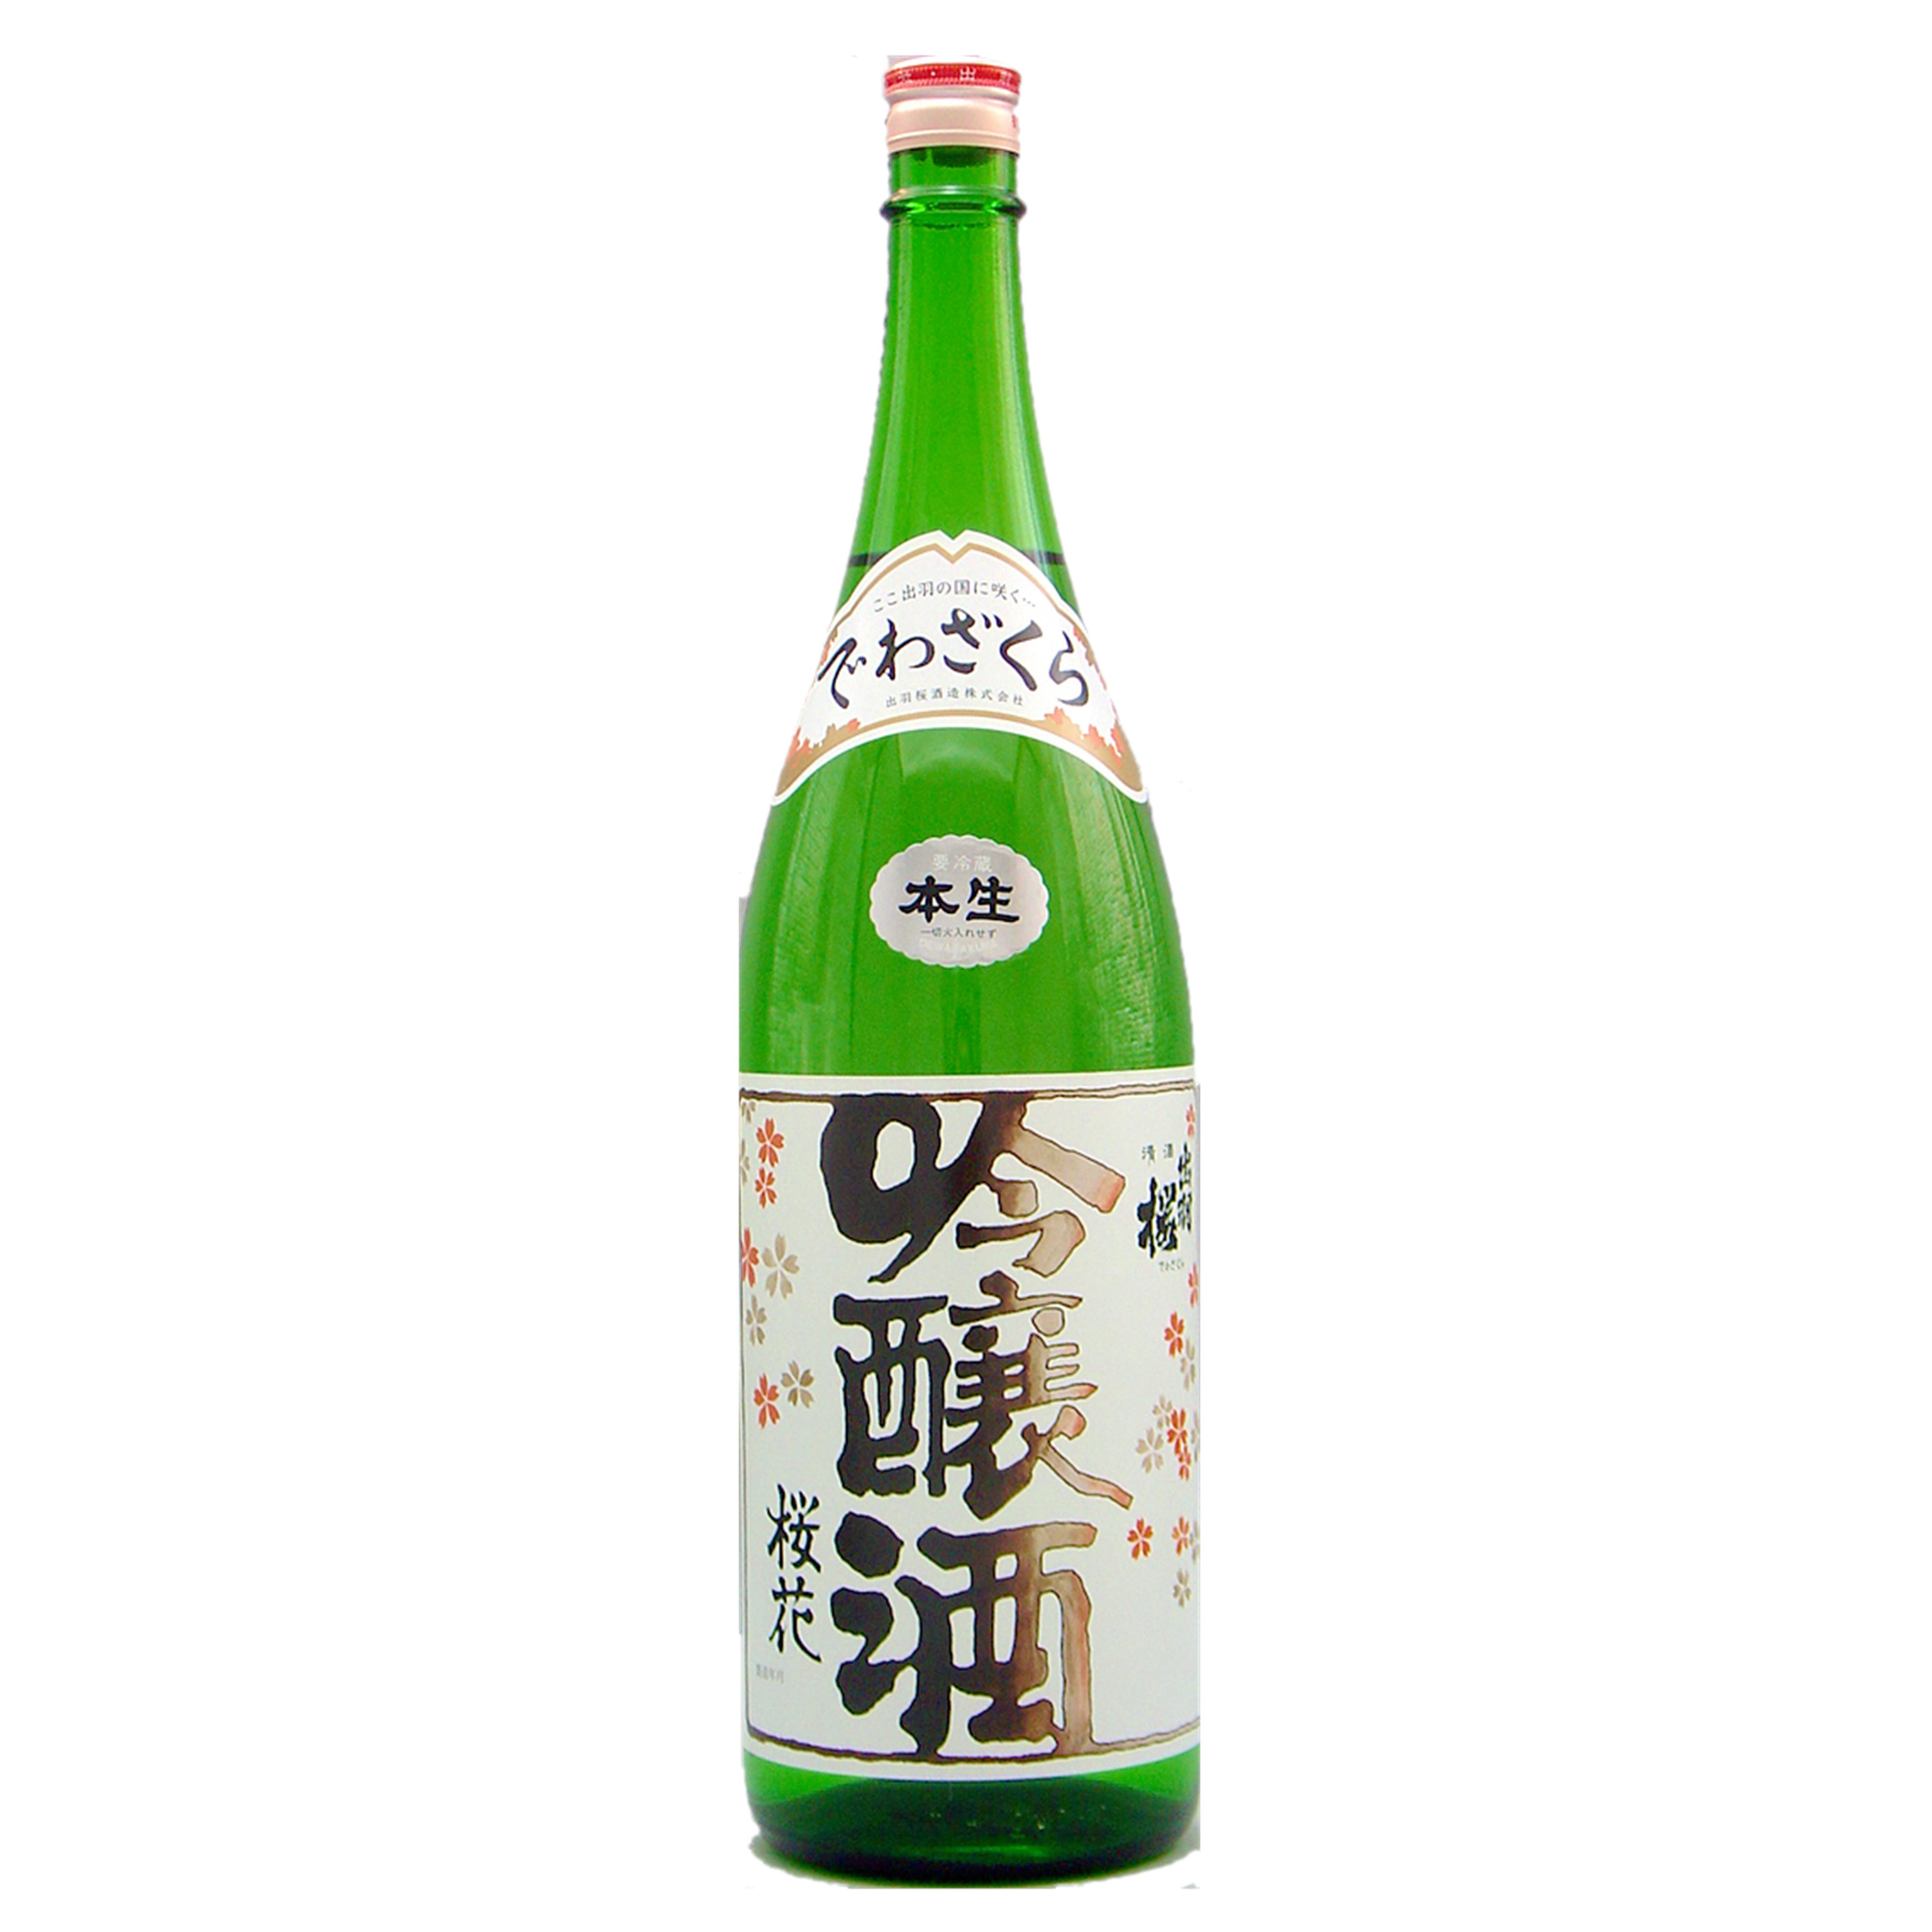 出羽桜 桜花吟醸酒 吟醸 本生酒